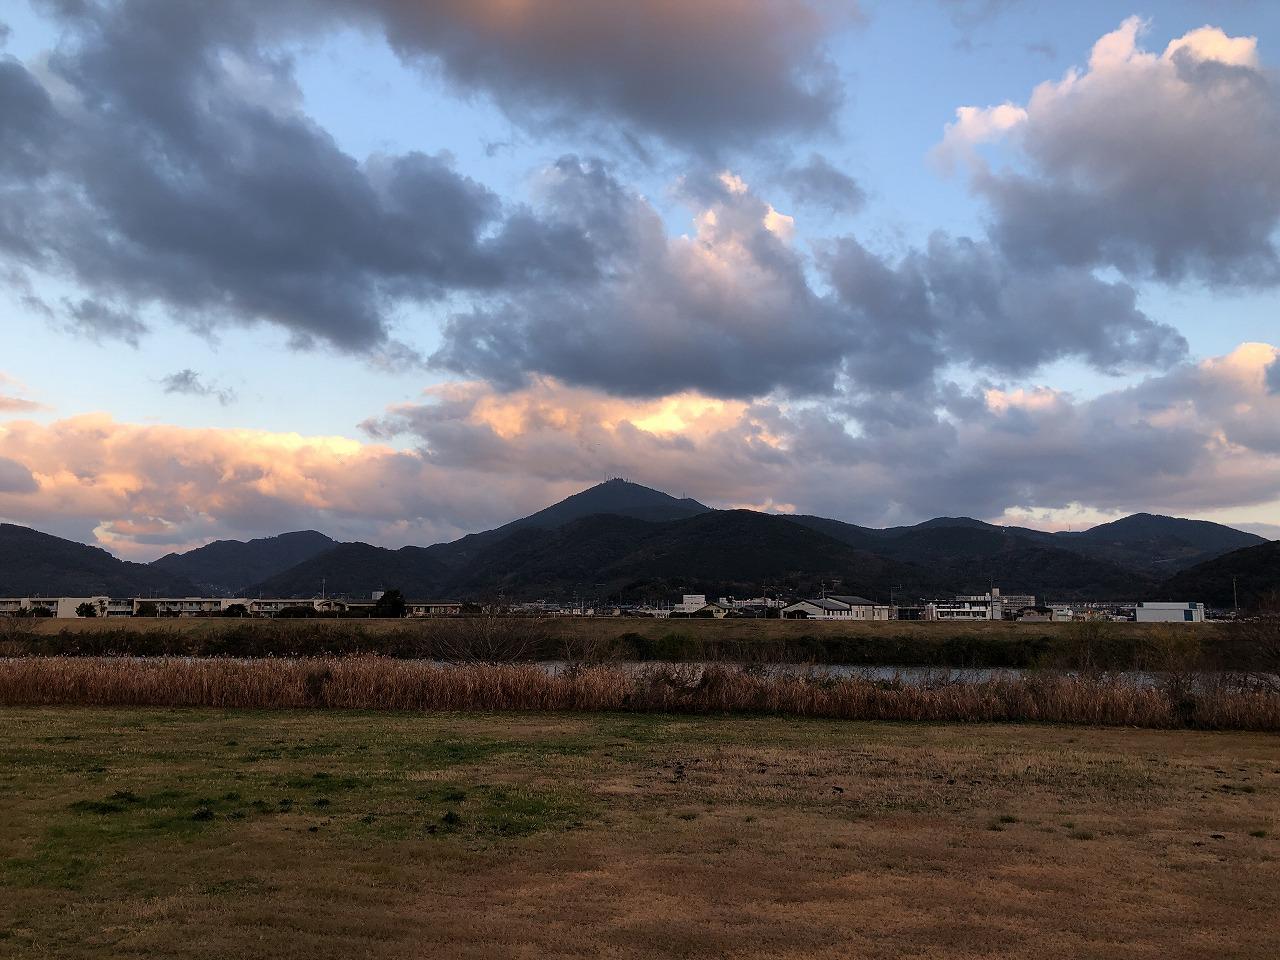 2019.12.27今朝の金峰山です。